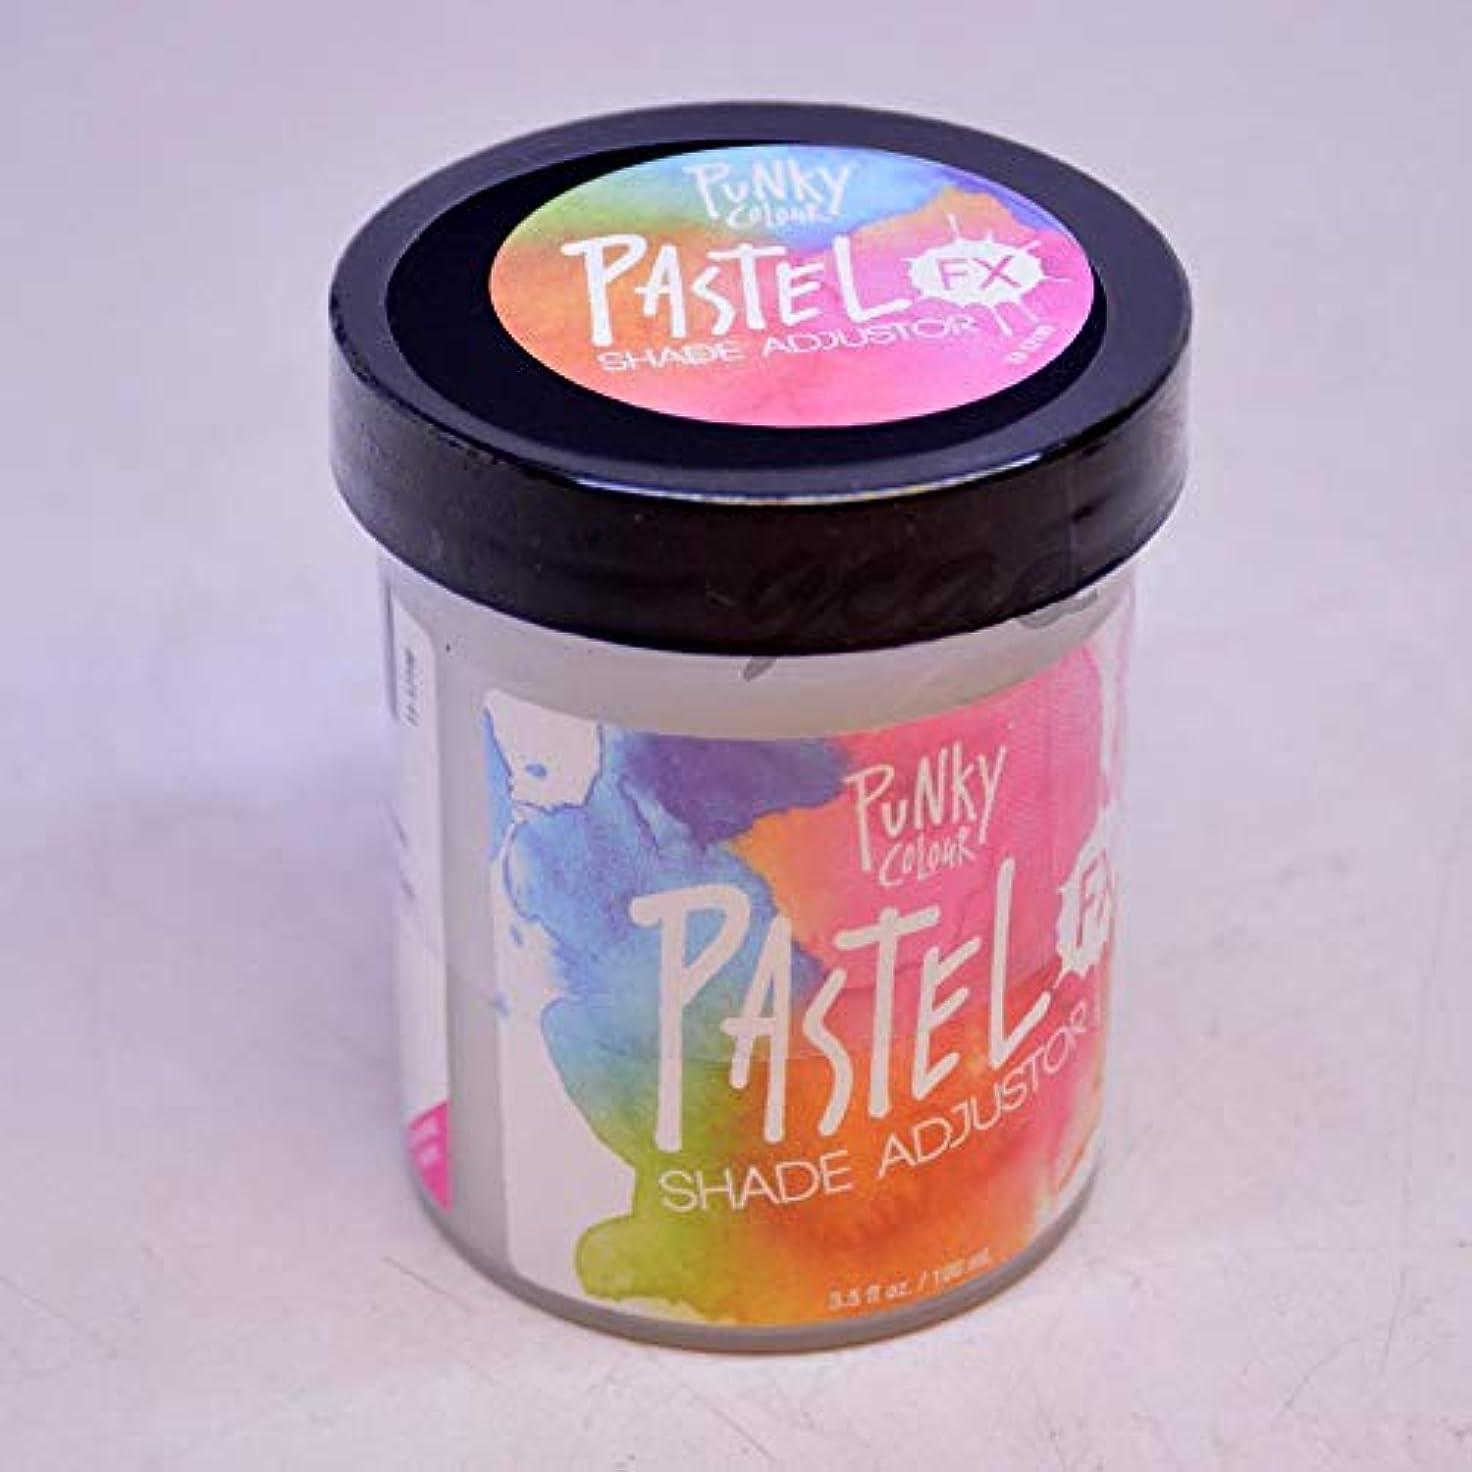 リーン気晴らし準備ができてJEROME RUSSELL Punky Color Semi-Permanent Conditioning Hair Color - Pastel FX Shade Adjuster (並行輸入品)